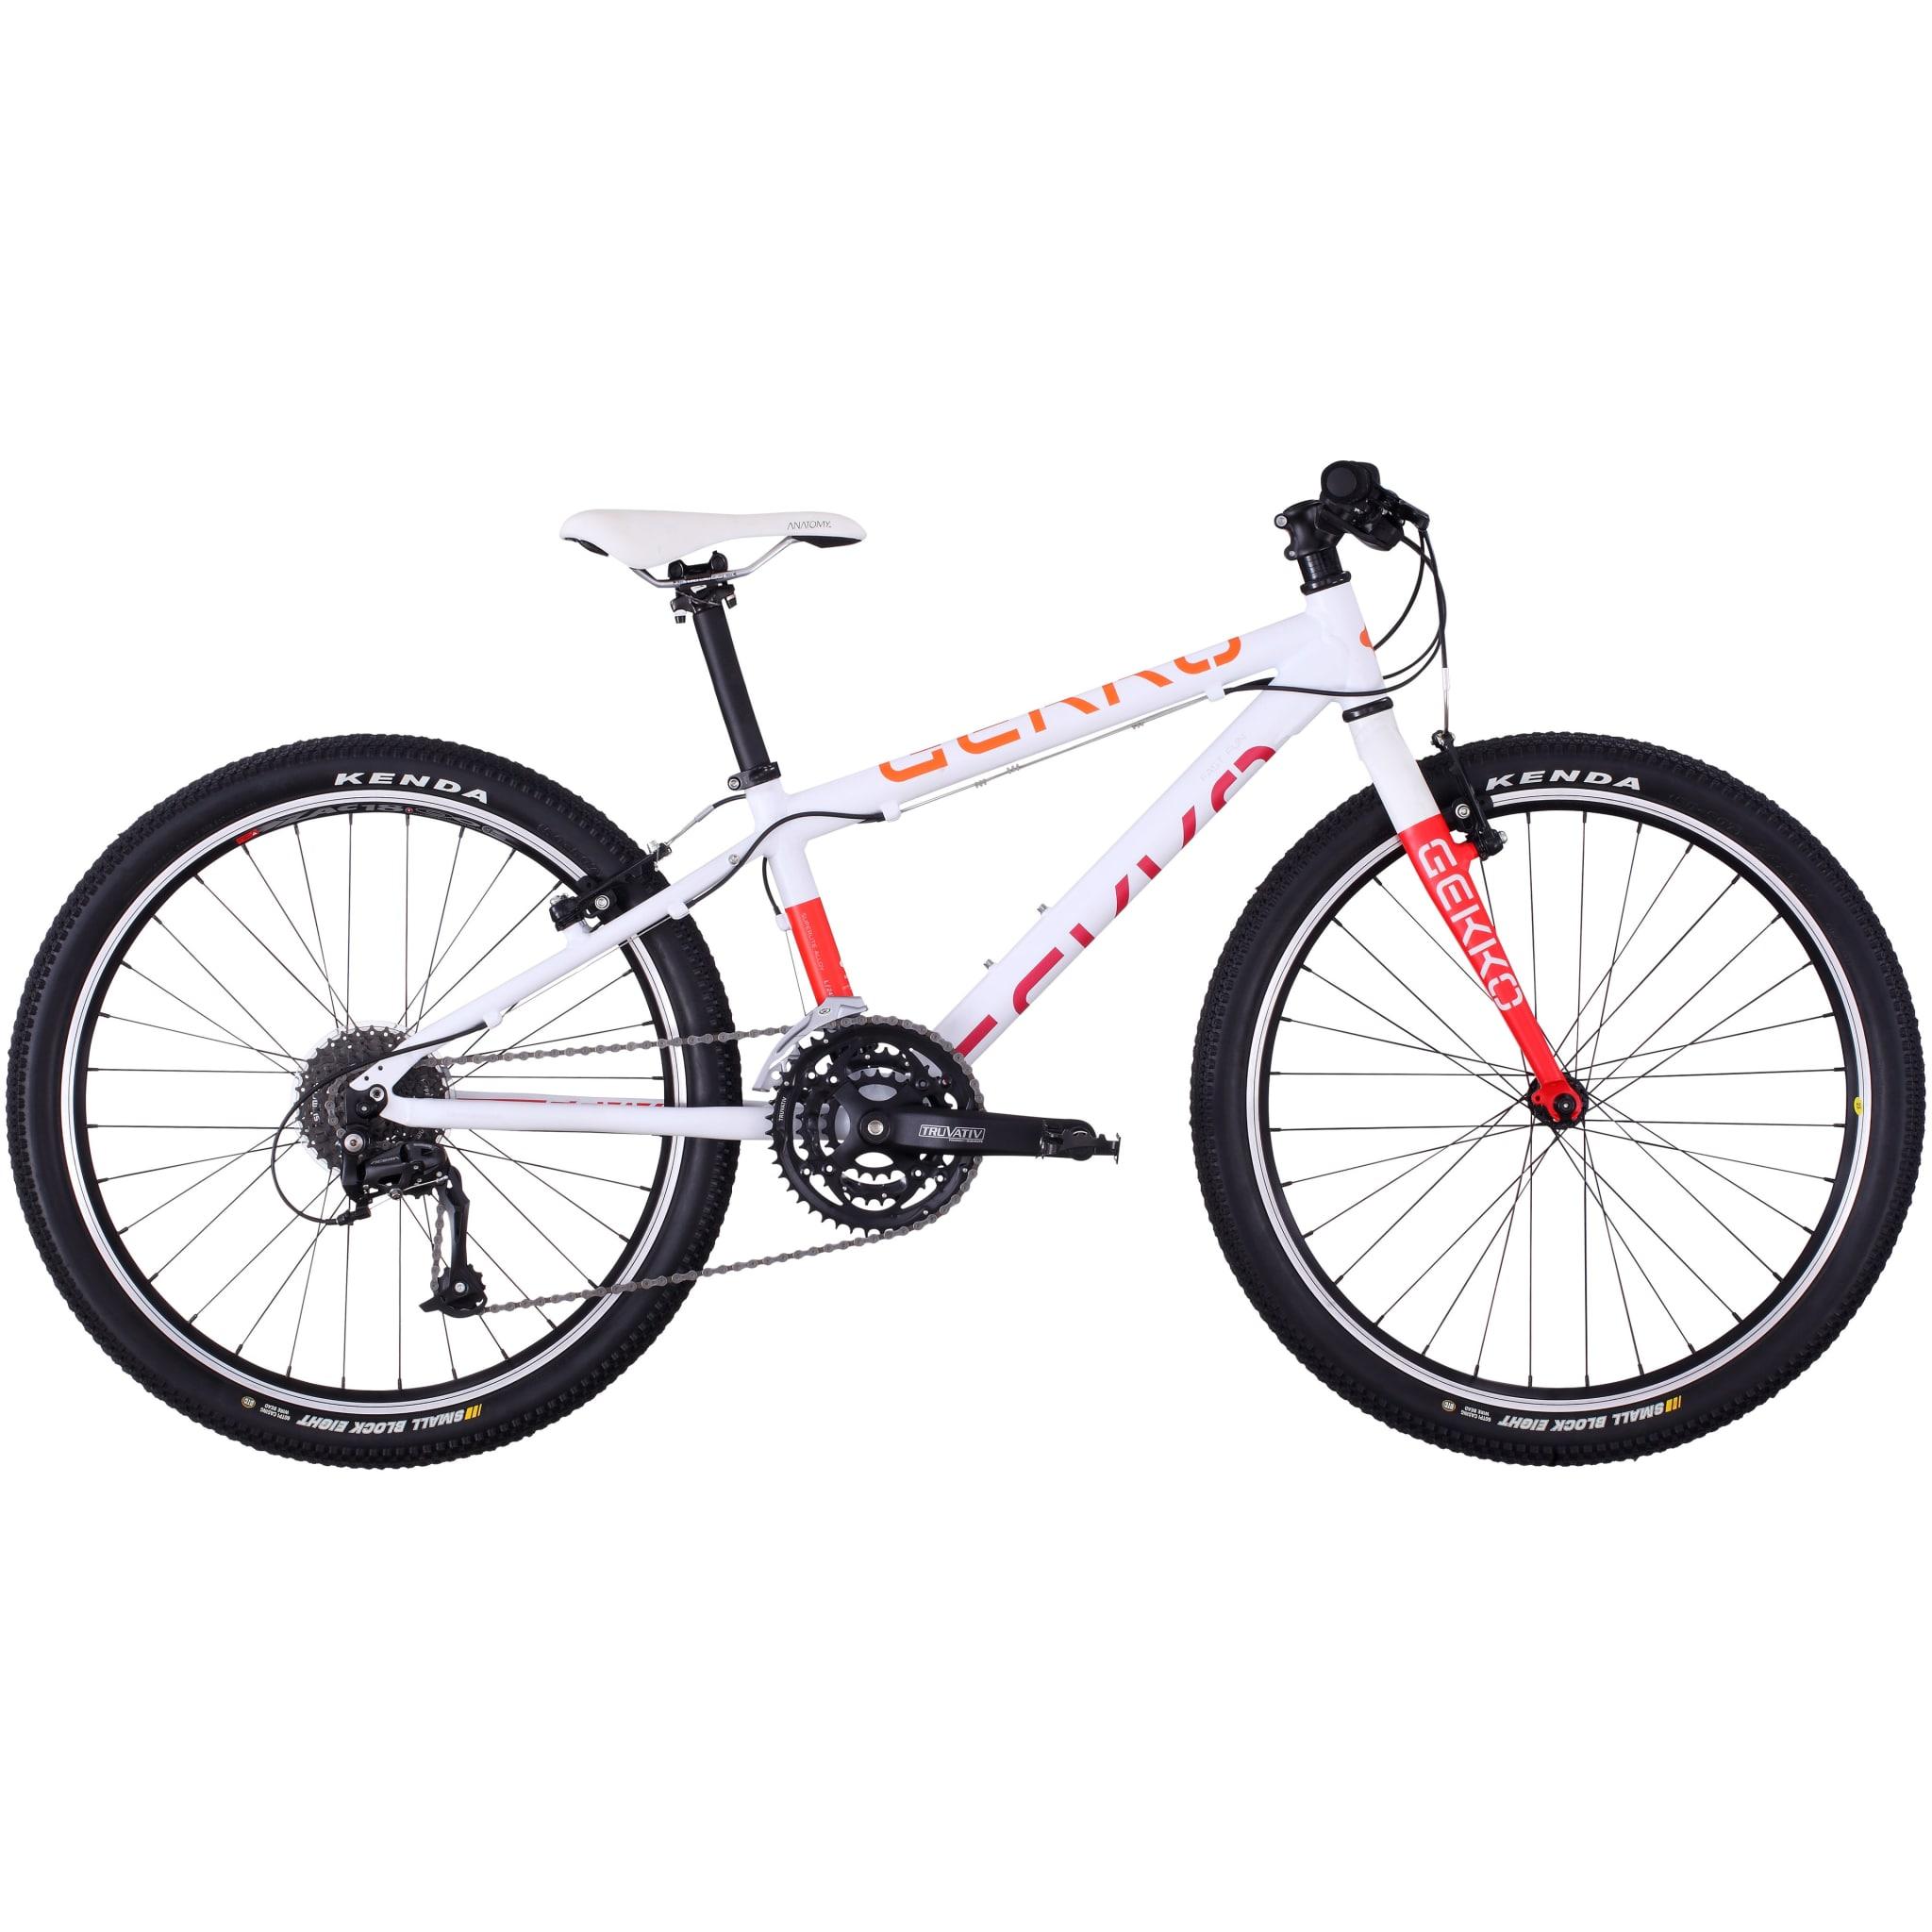 Lett og rask terrengsykkel for hverdagsbruk, konkurranse og trening